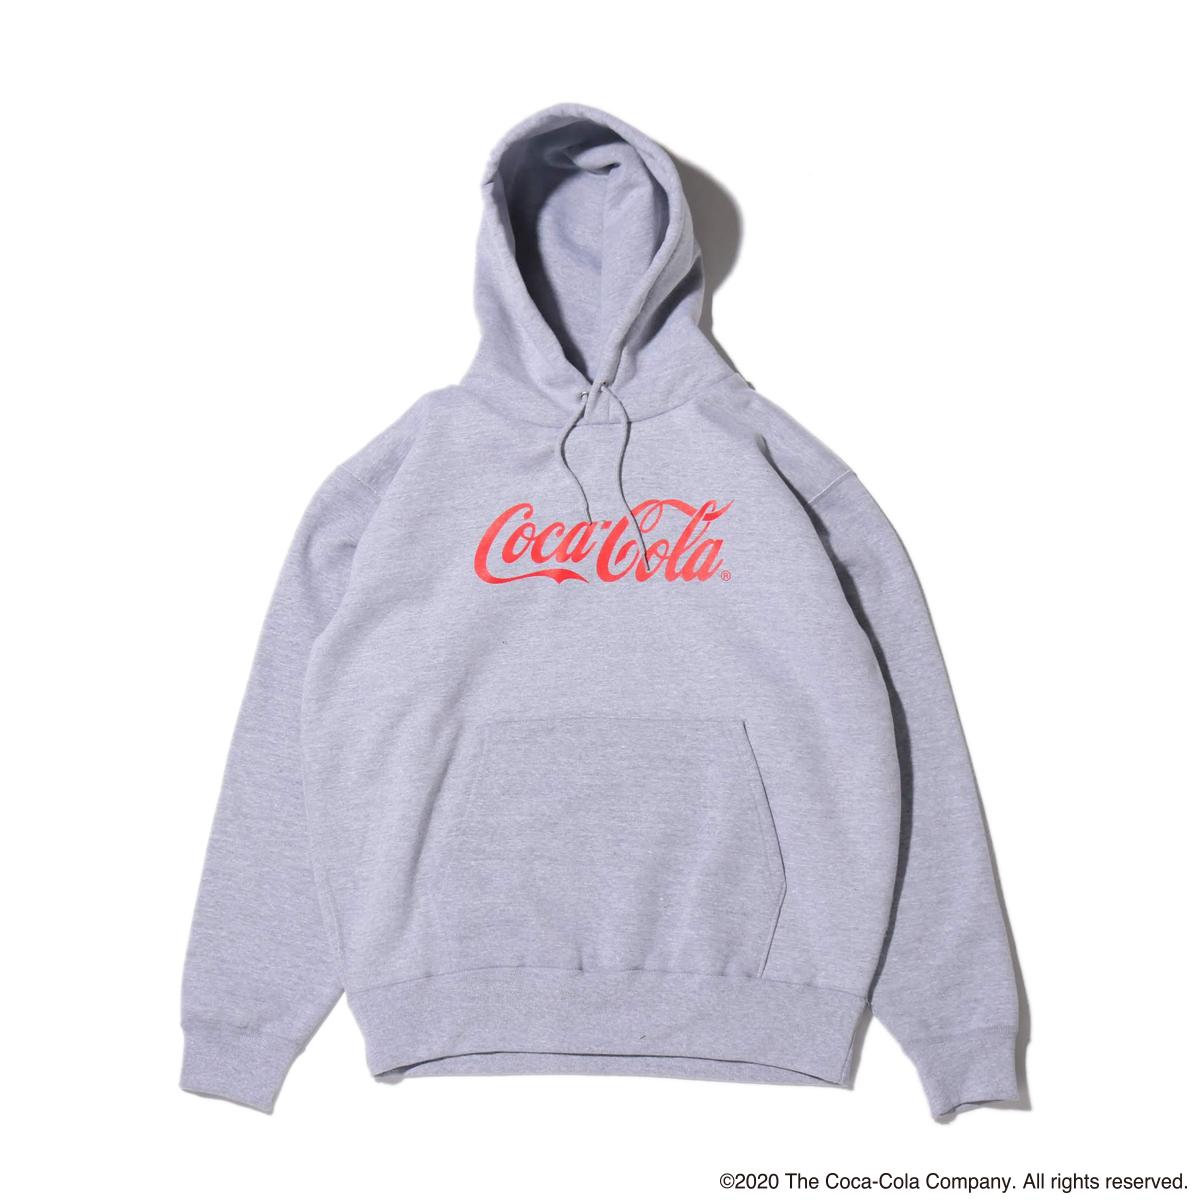 COCA-COLA x BETTY BOOP™ PULLOVER SWEAT HOODIE(GRAY)(コカコーラ x ベティーブープ™ プルオーバースウェットフーディー)【メンズ】【レディース】【パーカー】【20SP-S】